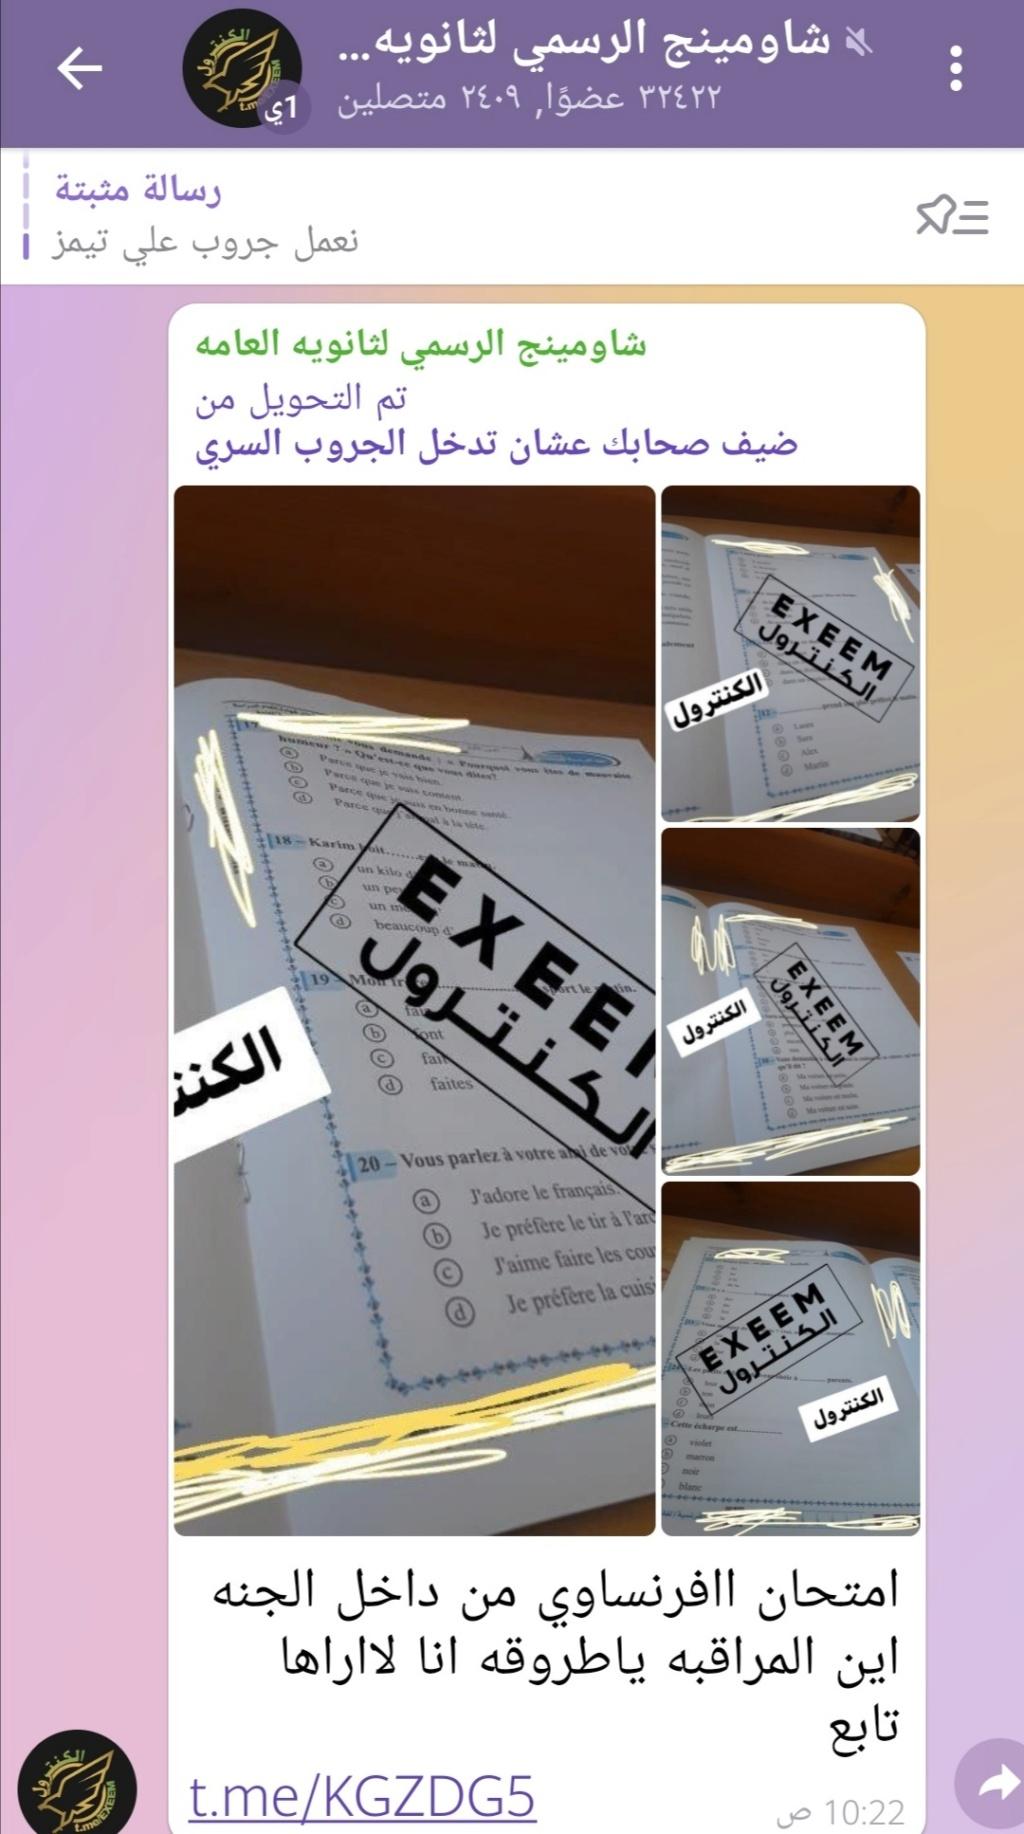 التعليم تتبع  مصدر - صور امتحان اللغة الأجنبية الثانية على جروبات الغش بعد توزيعه في اللجان 21511310